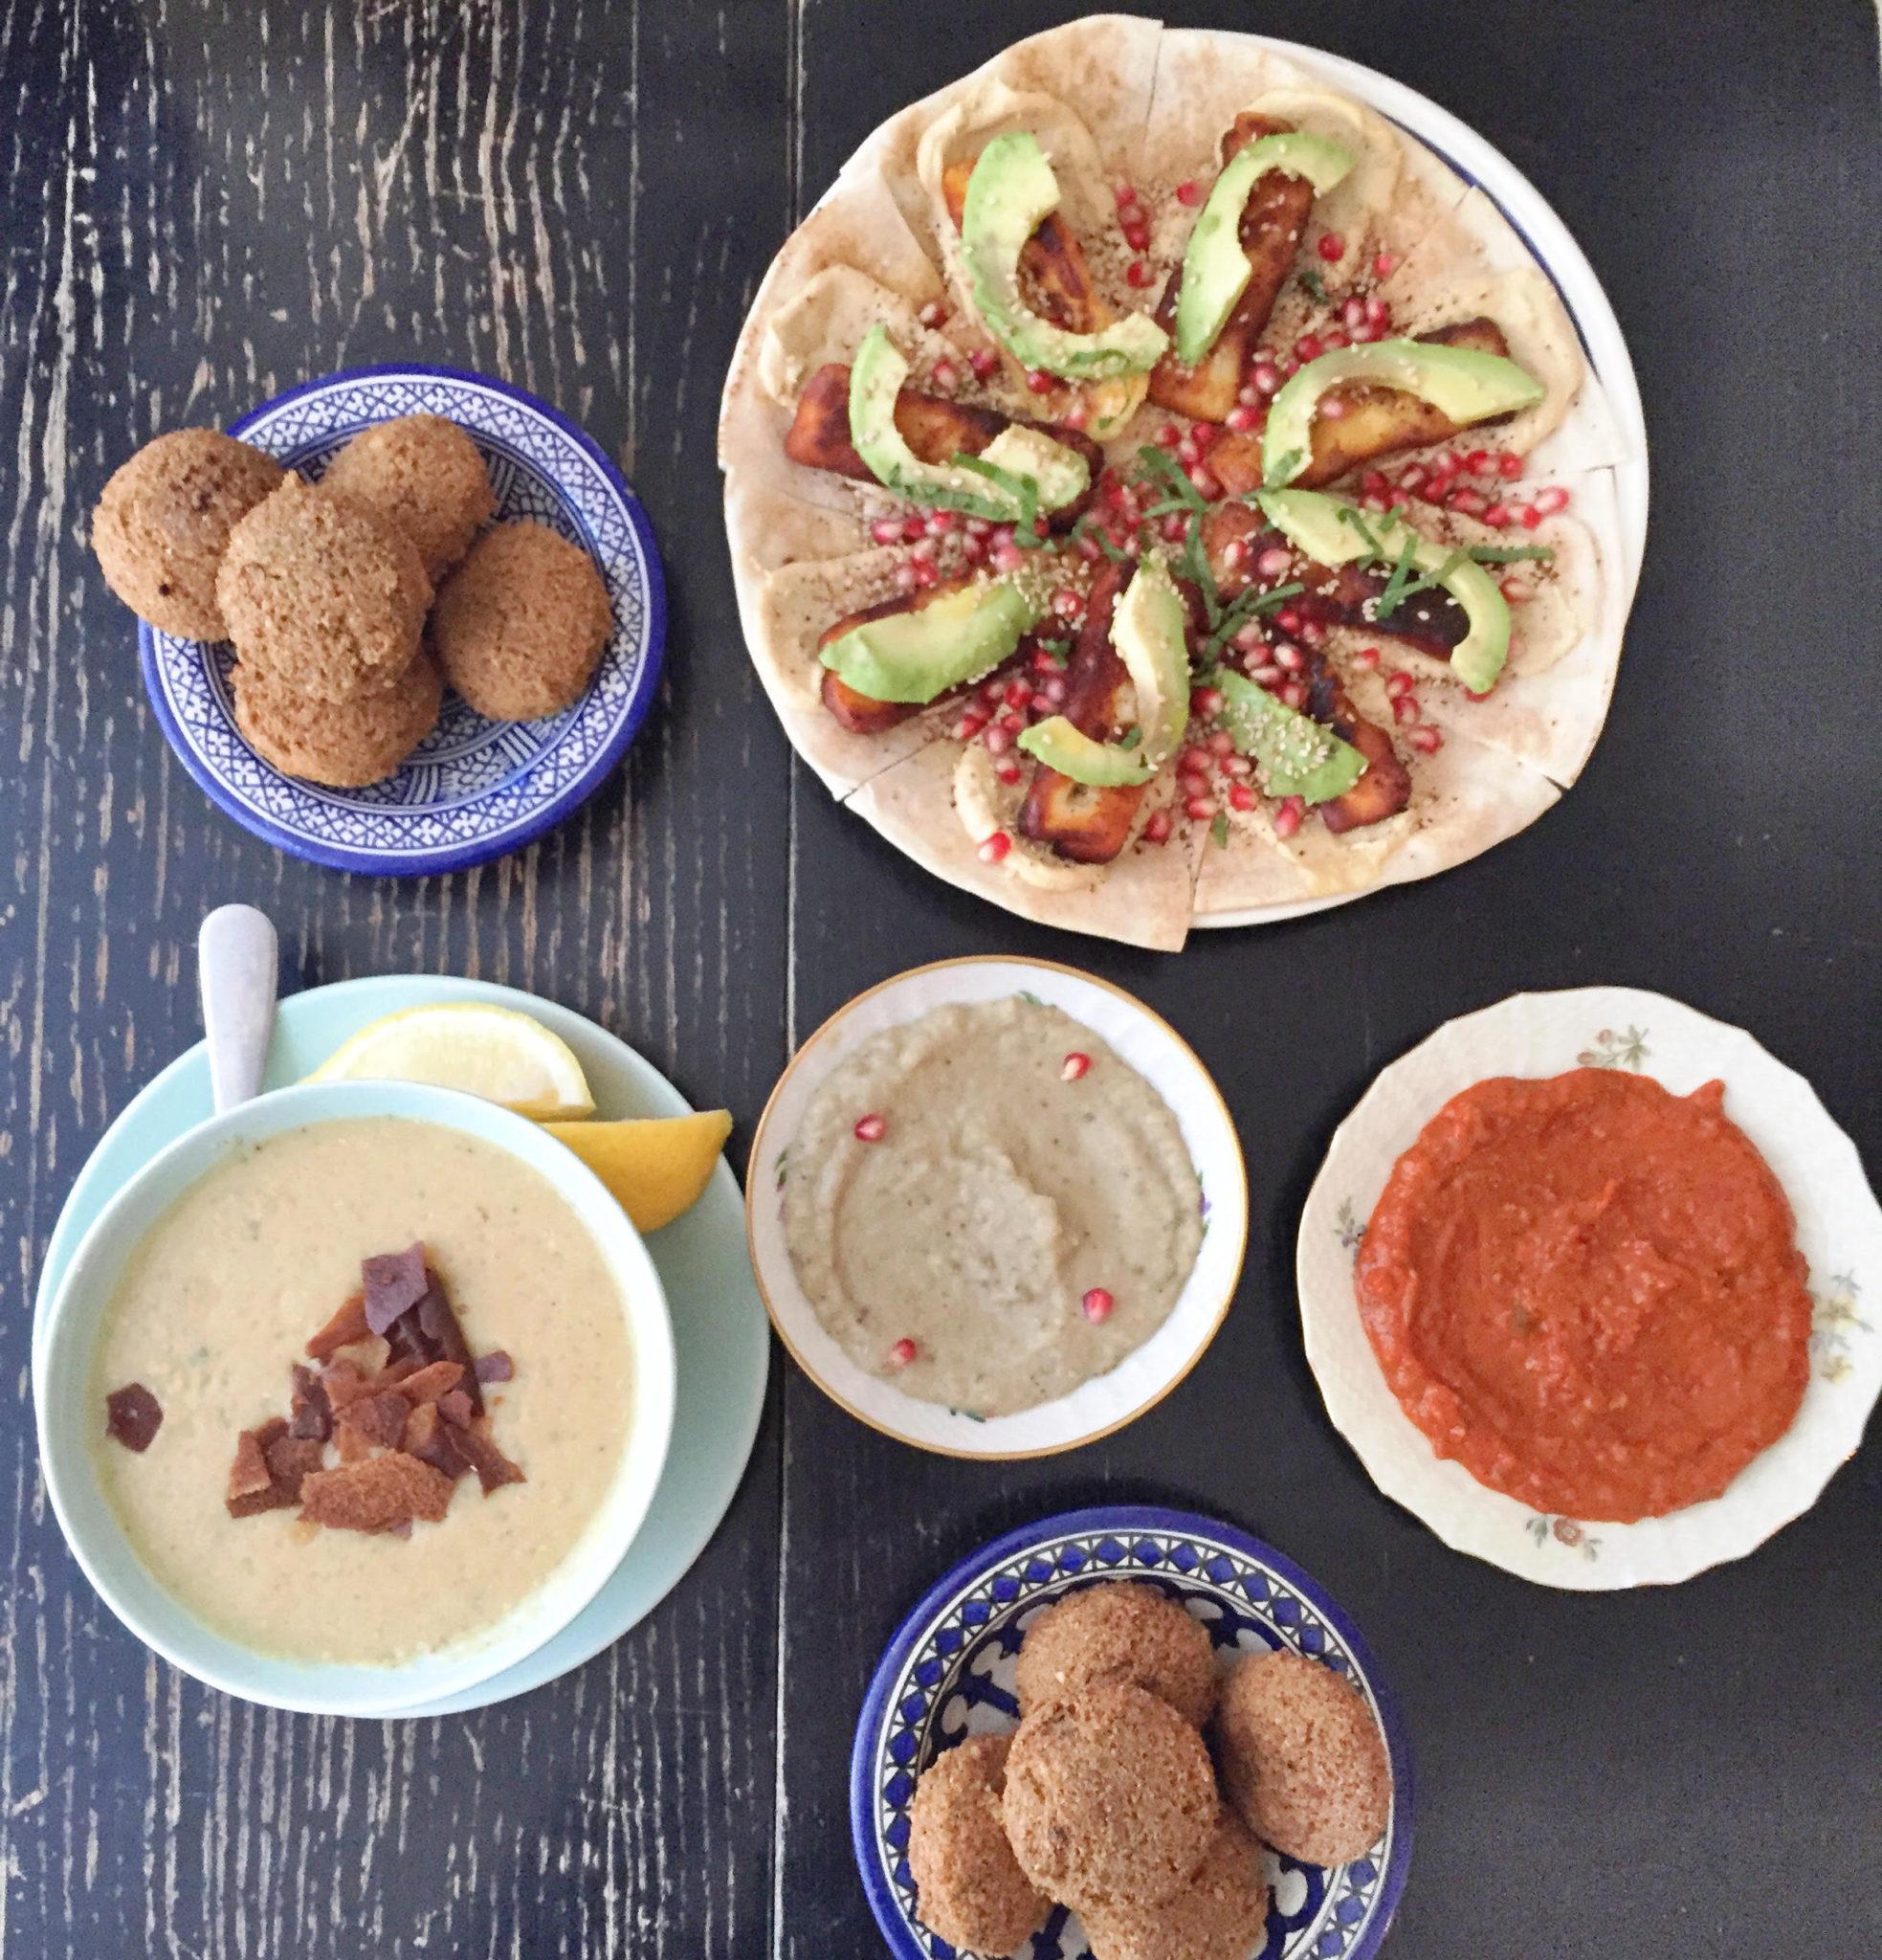 Mahalle på Nørrebro. Mellemøstligt tapas med baba ghanoush, hummus, peberfrugt dip, libanesisk pizza, halloumi, avokado. Falafel i København